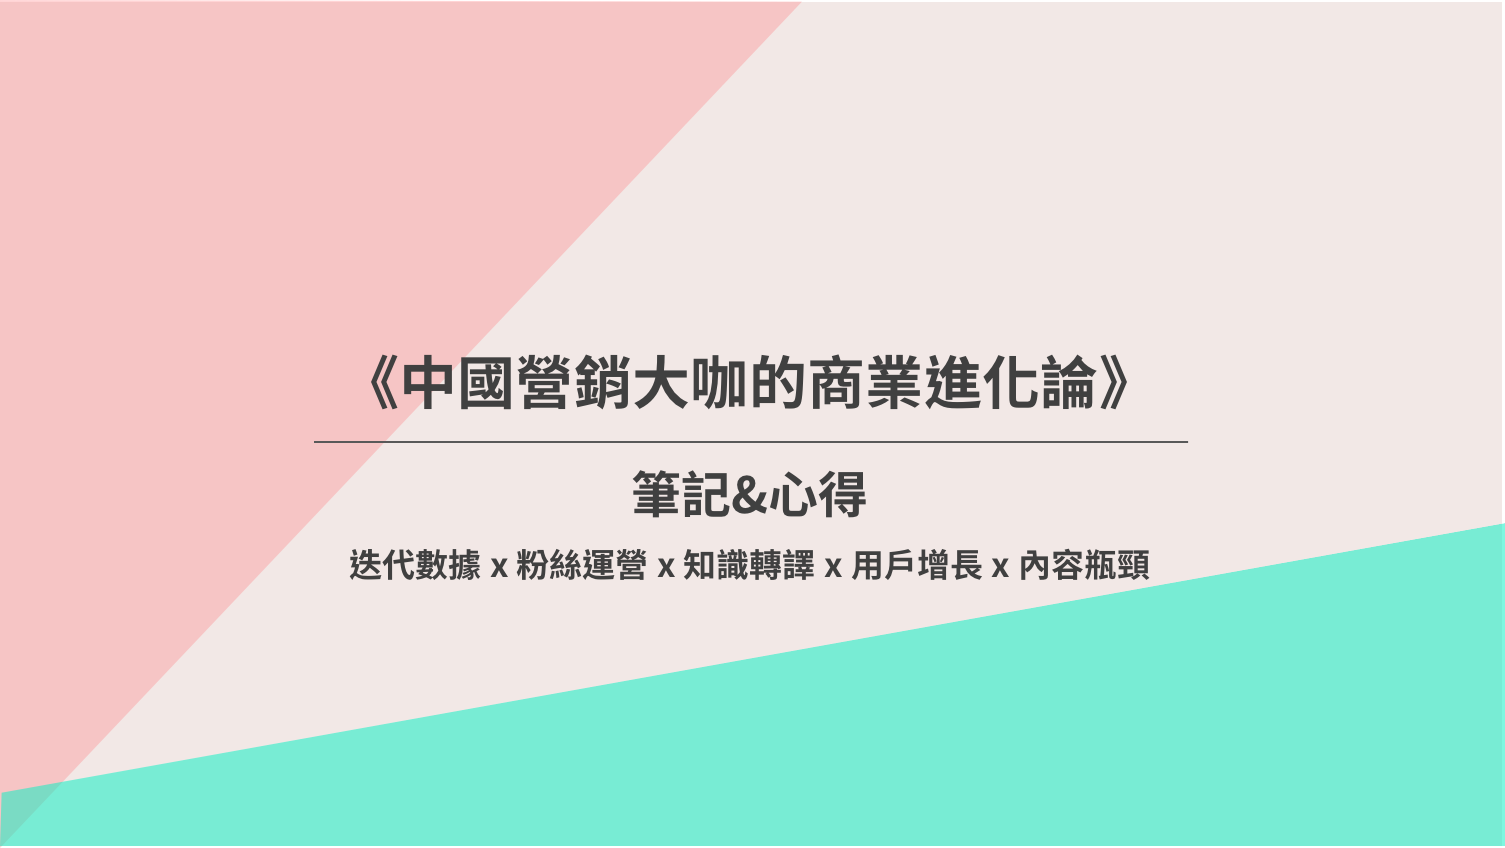 【中國營銷大咖的商業進化論】來自臺灣吧 Taiwan Bar 行銷經理的筆記與心得